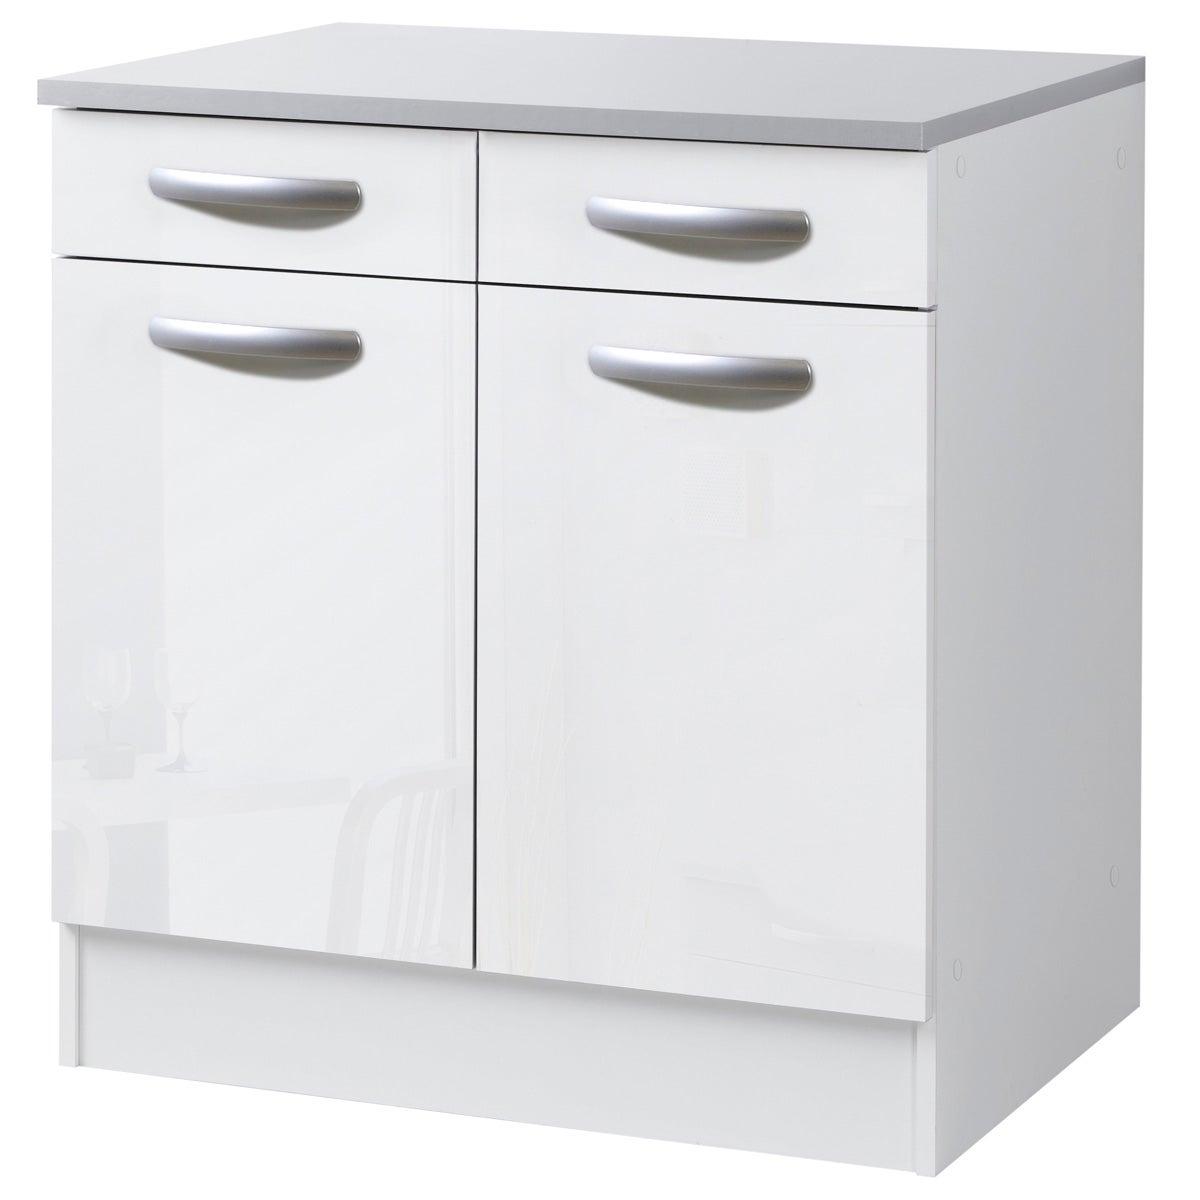 Meuble de cuisine bas 13 portes et 13 tiroirs H.13 x l.13 x P.13 cm